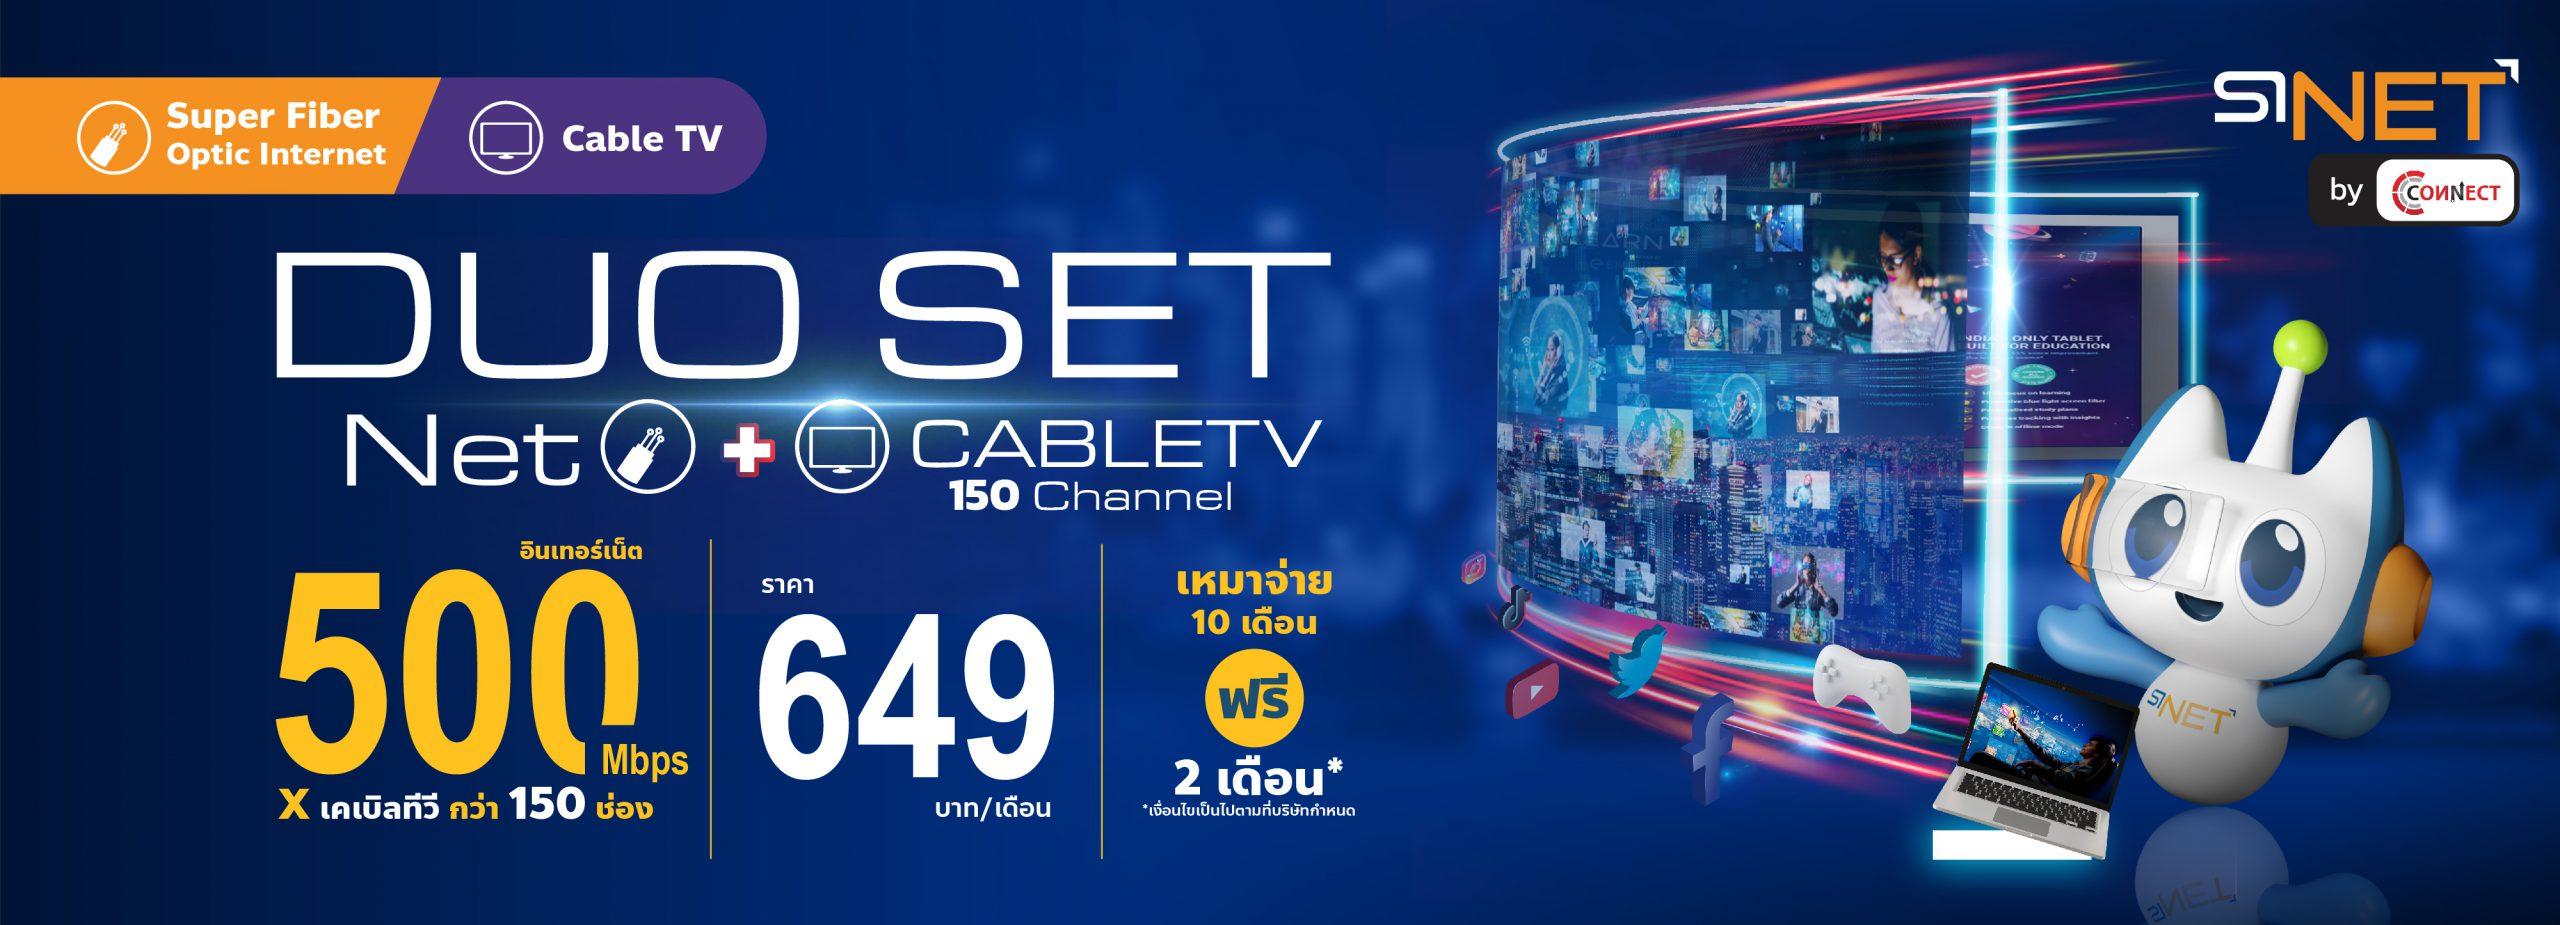 เน็ต + เคเบิลทีวี กว่า 150 ช่อง Fiber Optic Internet , Cable TV กล้องวงจรปิด โปรโมชั่นเน็ต เชียงใหม่